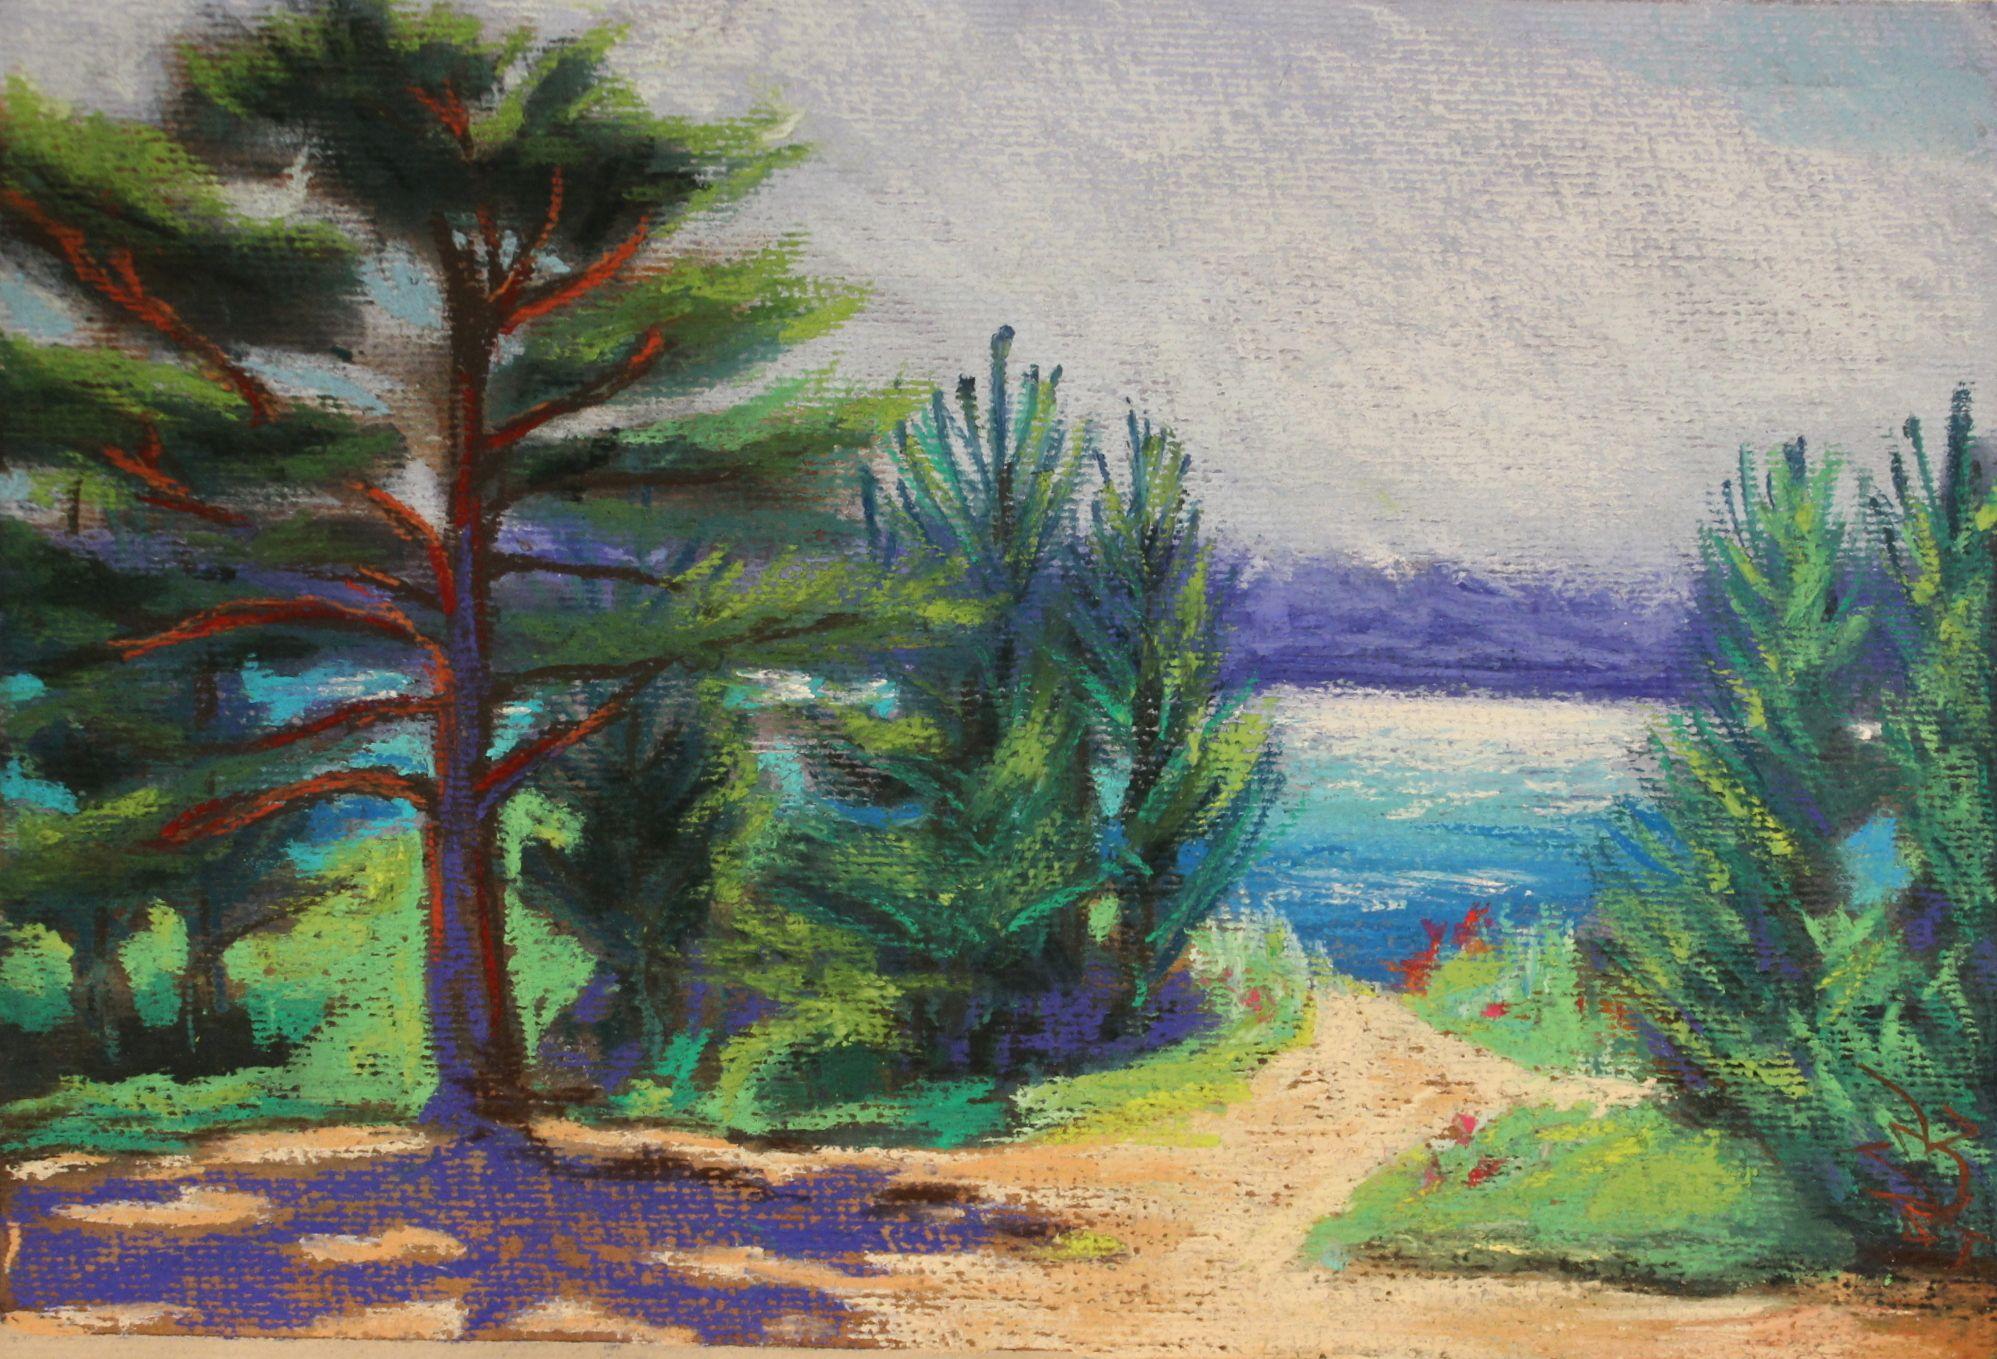 Laulasmaa maastik/ landscape.  pastell paberil A4, Keiu Kuresaar